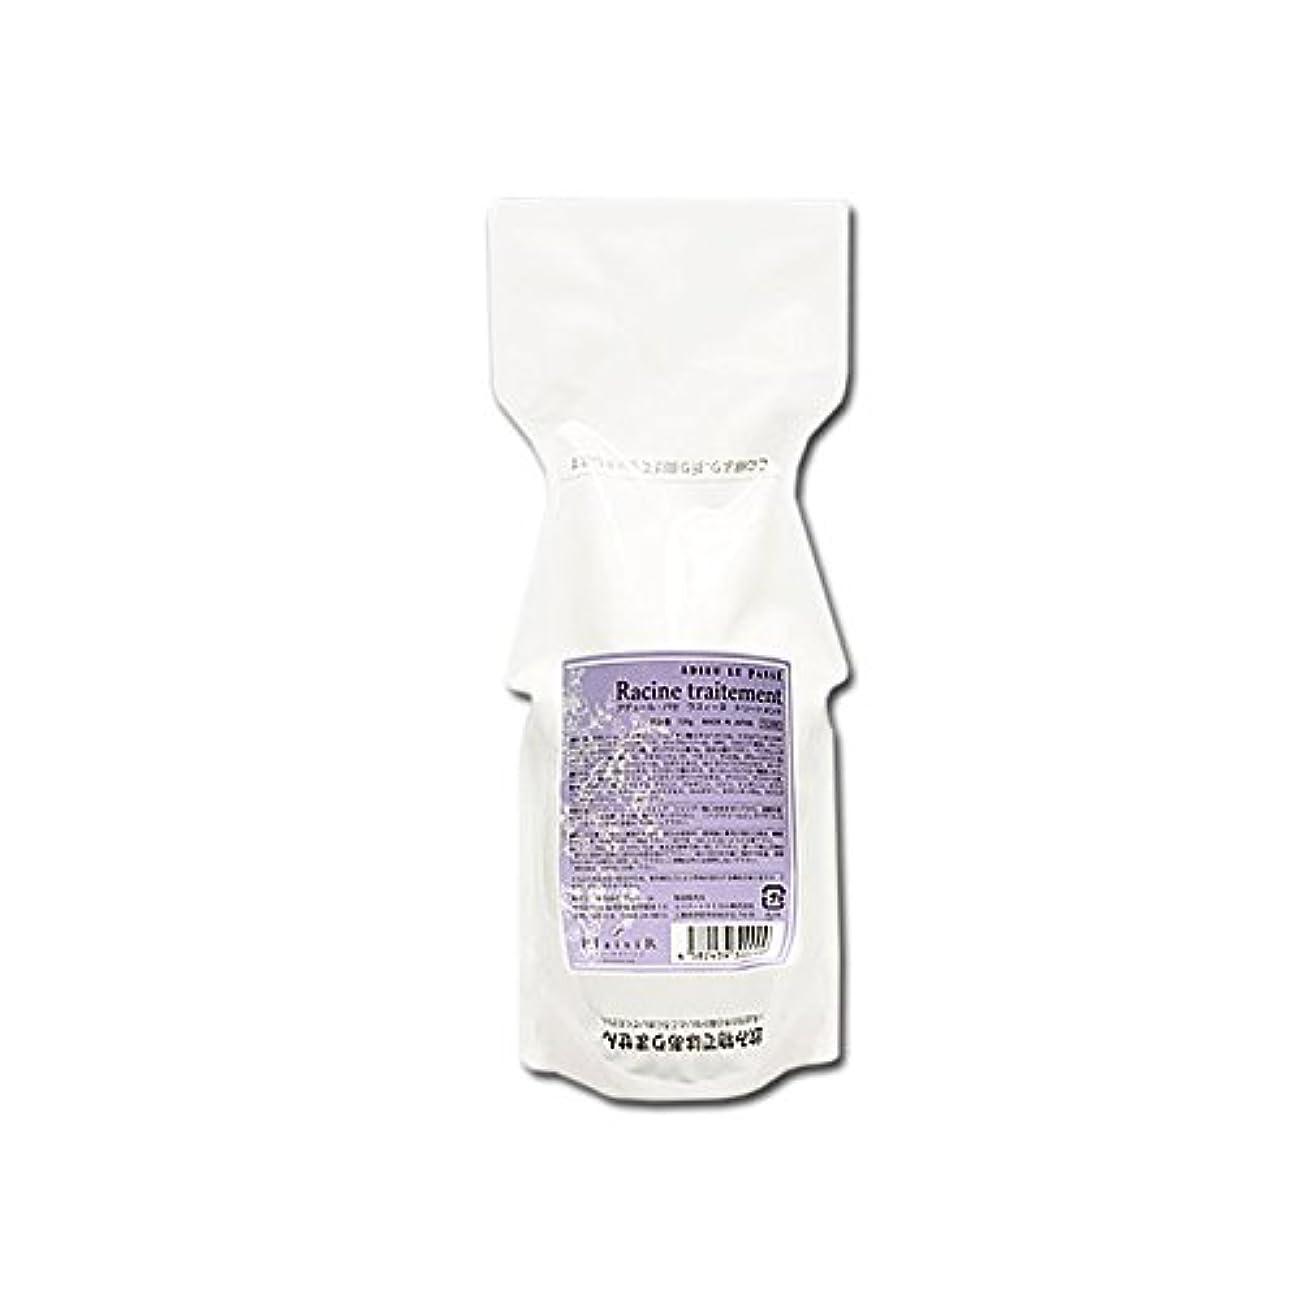 アデュール?パセ ラスィーヌトリートメント 720g (頭皮?毛髪用栄養クリーム) 詰替えエイコンパック